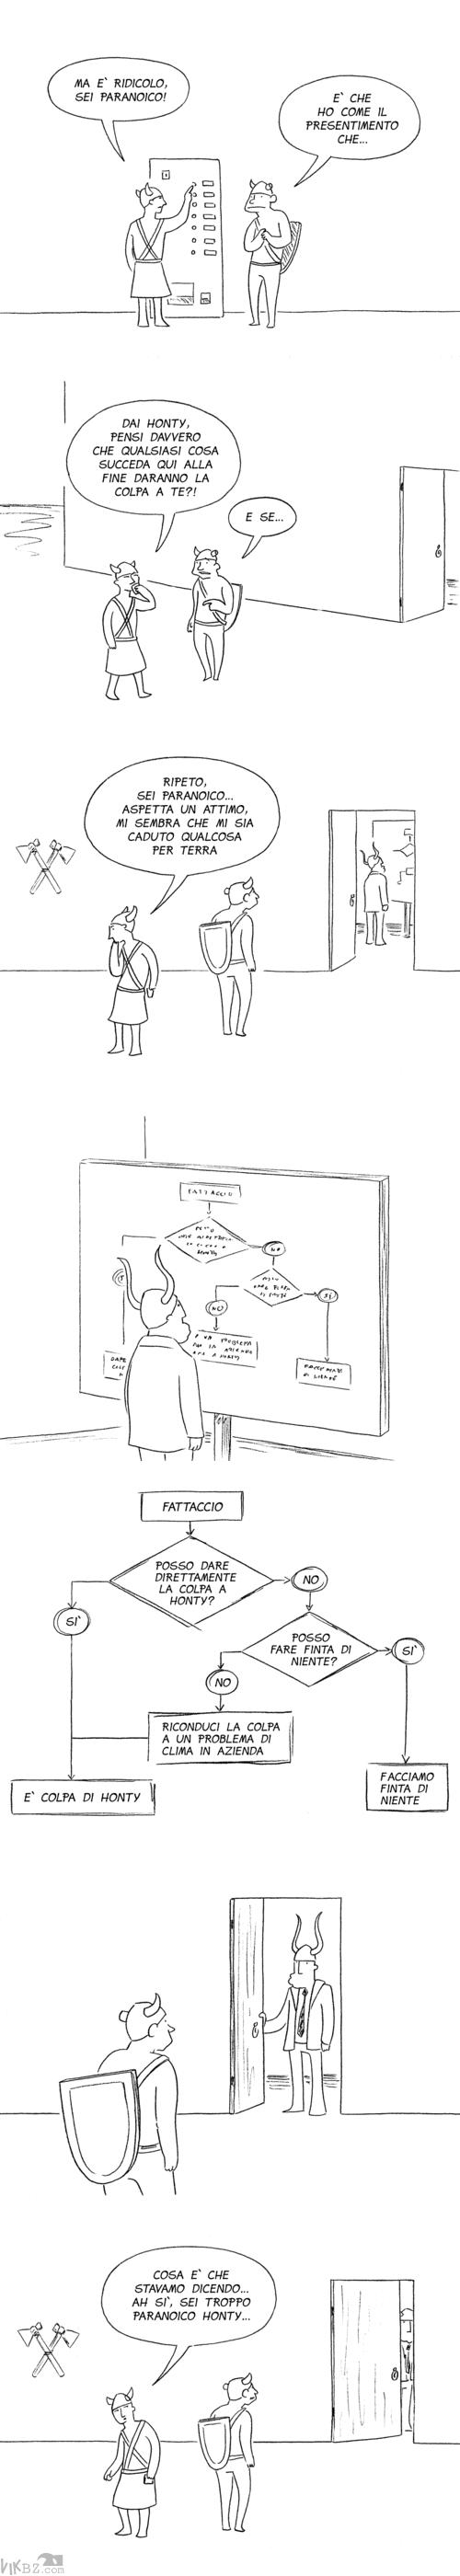 Vittimismo di Honty o un reale capro espiatorio? e cosa centrano i diagrammi di flusso??